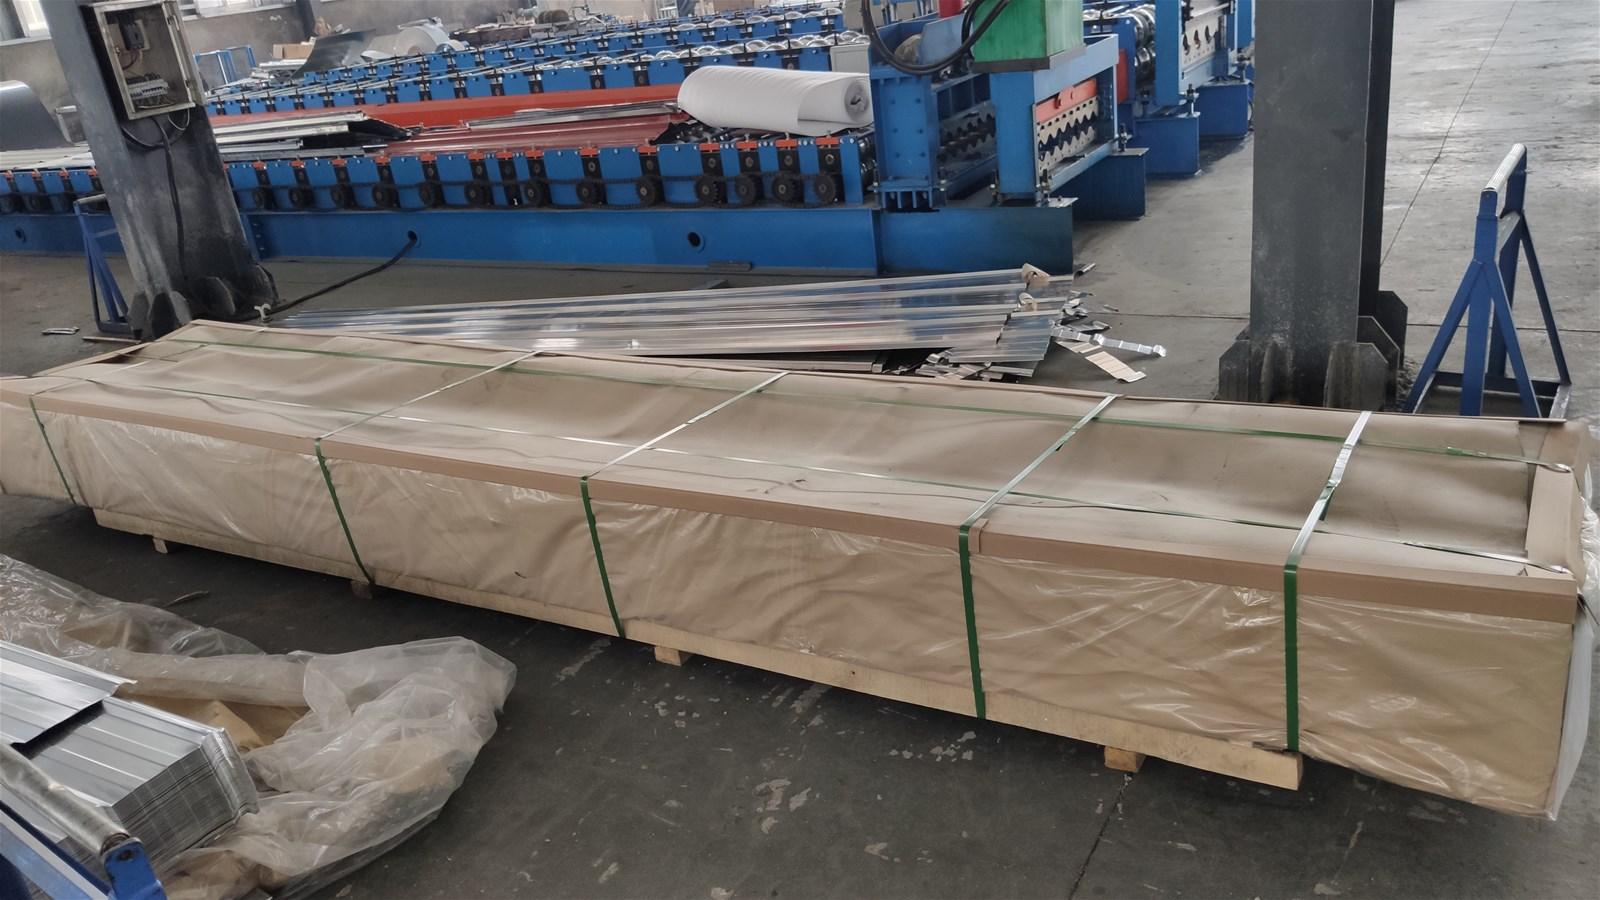 Mill finish plain aluminumaluminium sheet 11001060